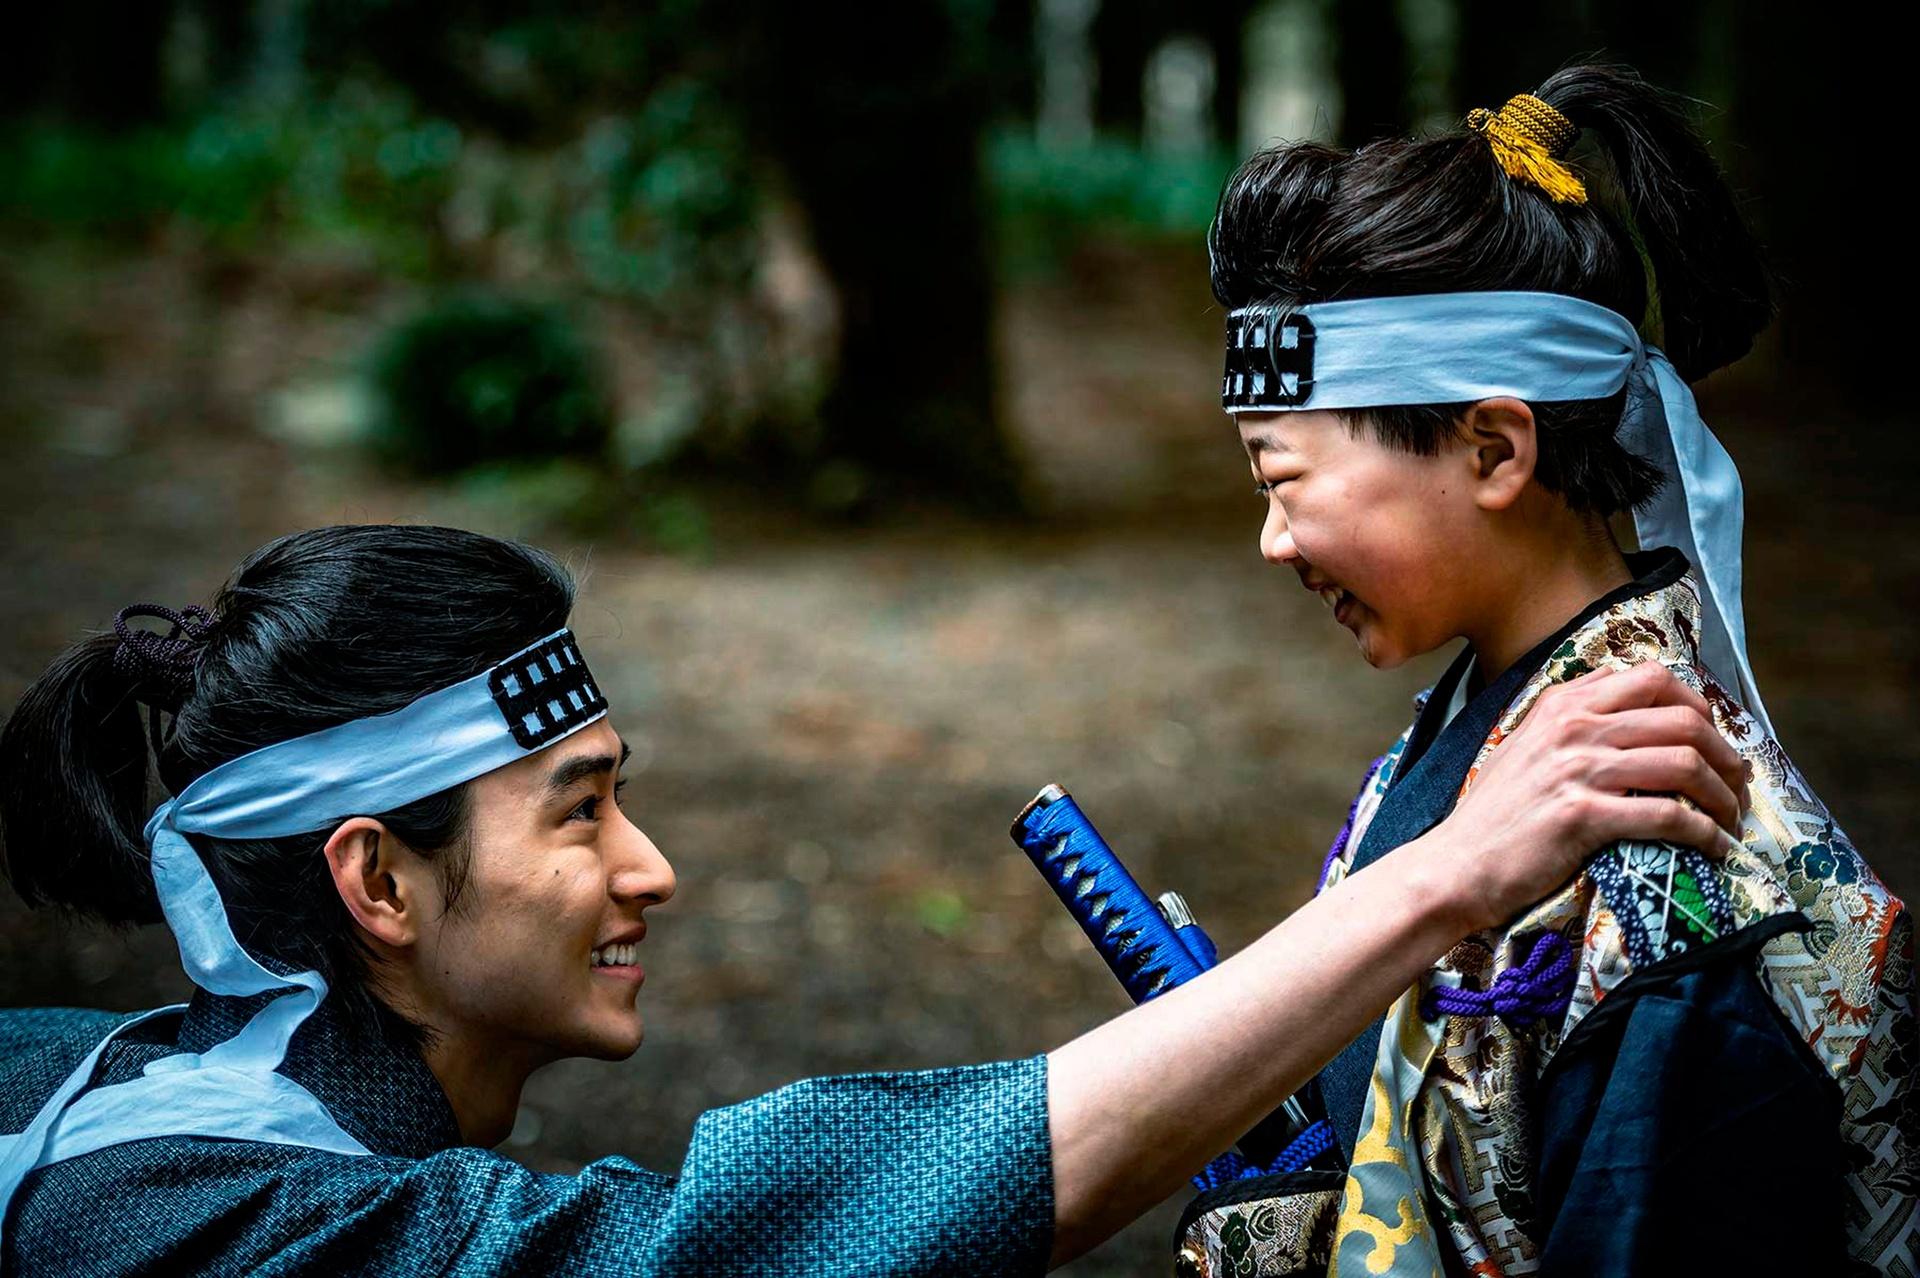 Crazy-samurai-03.jpg